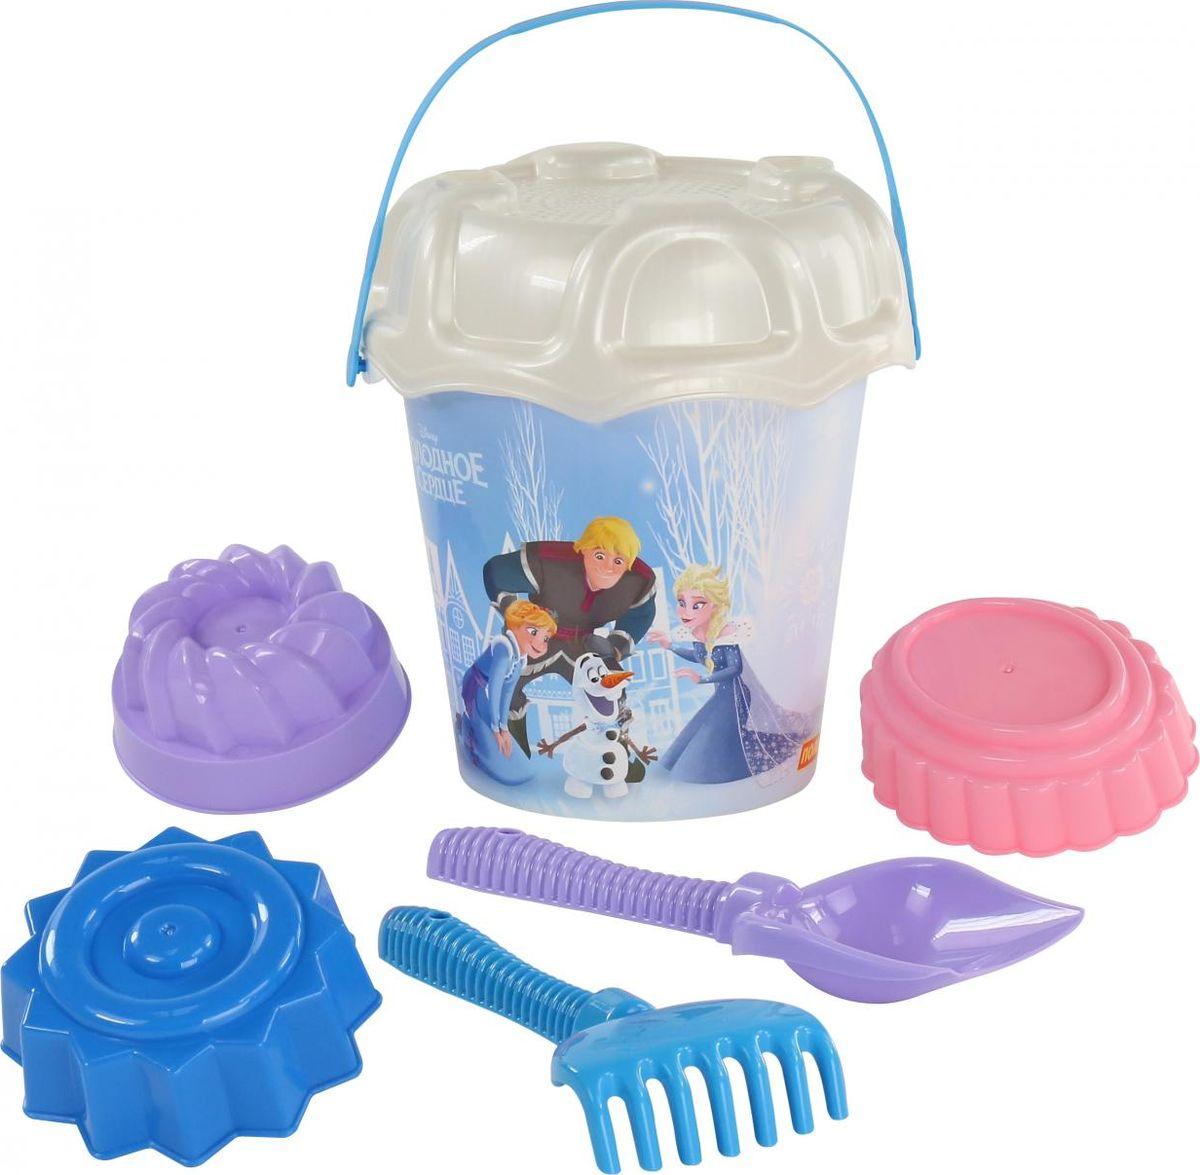 Disney Набор игрушек для песочницы Холодное сердце №14, 7 предметов, цвет в ассортименте polesie набор игрушек для песочницы полесье холодное сердце 14 7 предметов